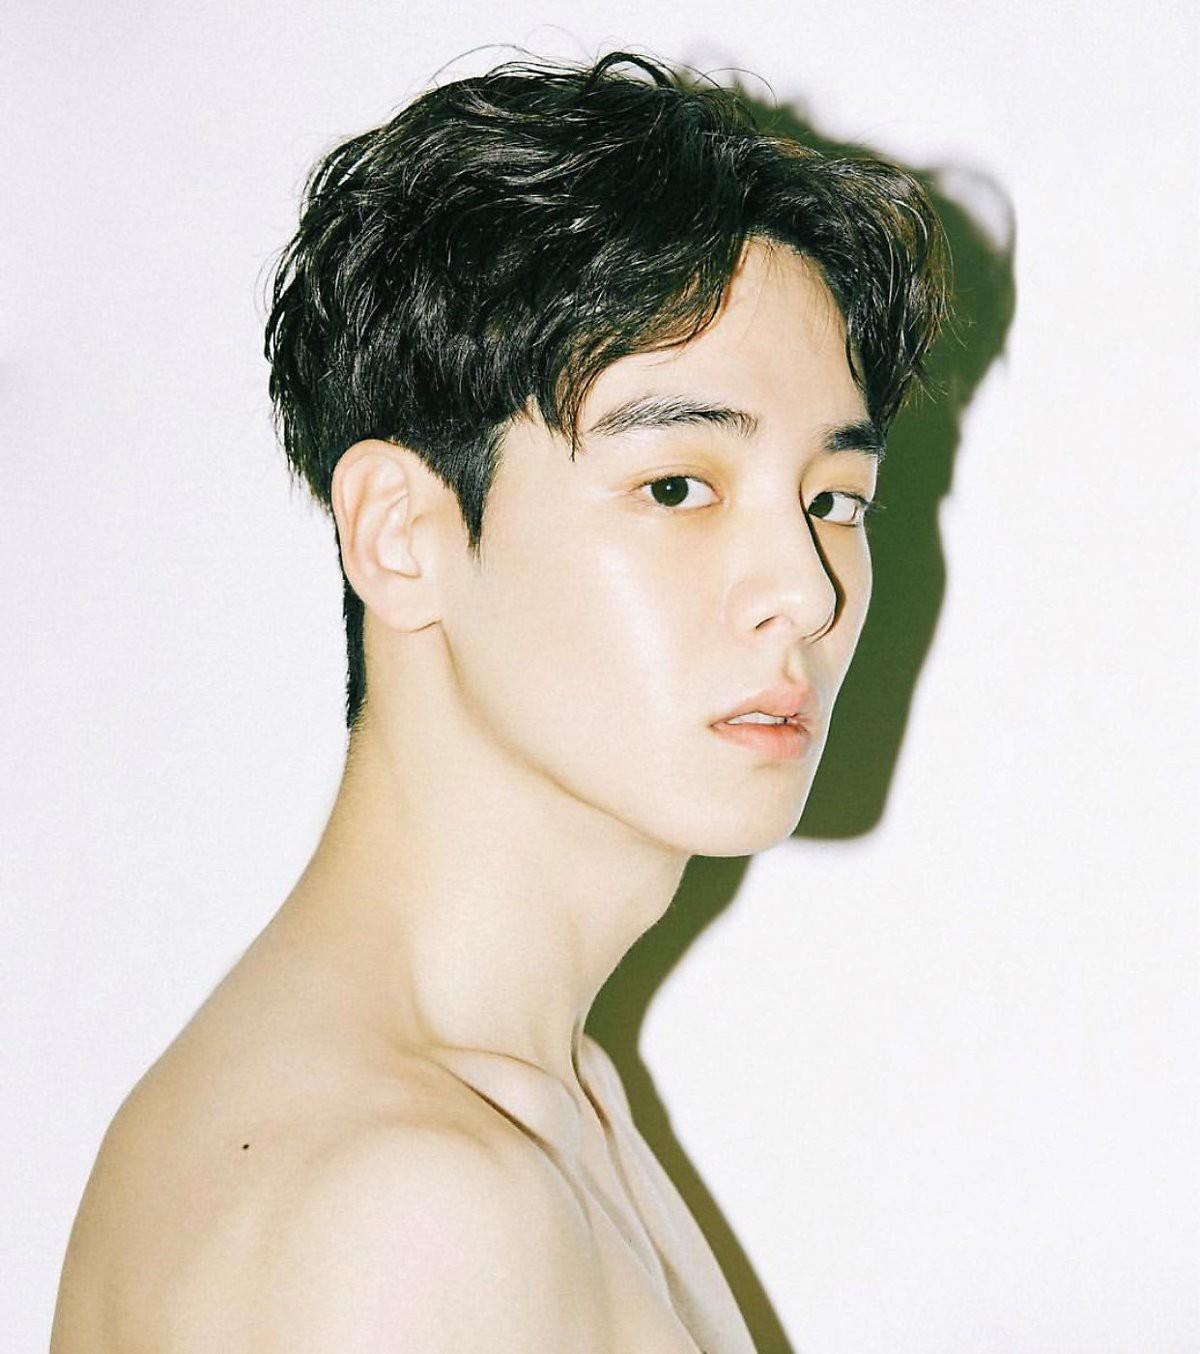 Cao ráo đẹp trai lại còn mặc cool, bảo sao con gái cả Hàn Quốc coi chàng mẫu nam này là tiêu chuẩn trong mơ - Ảnh 1.